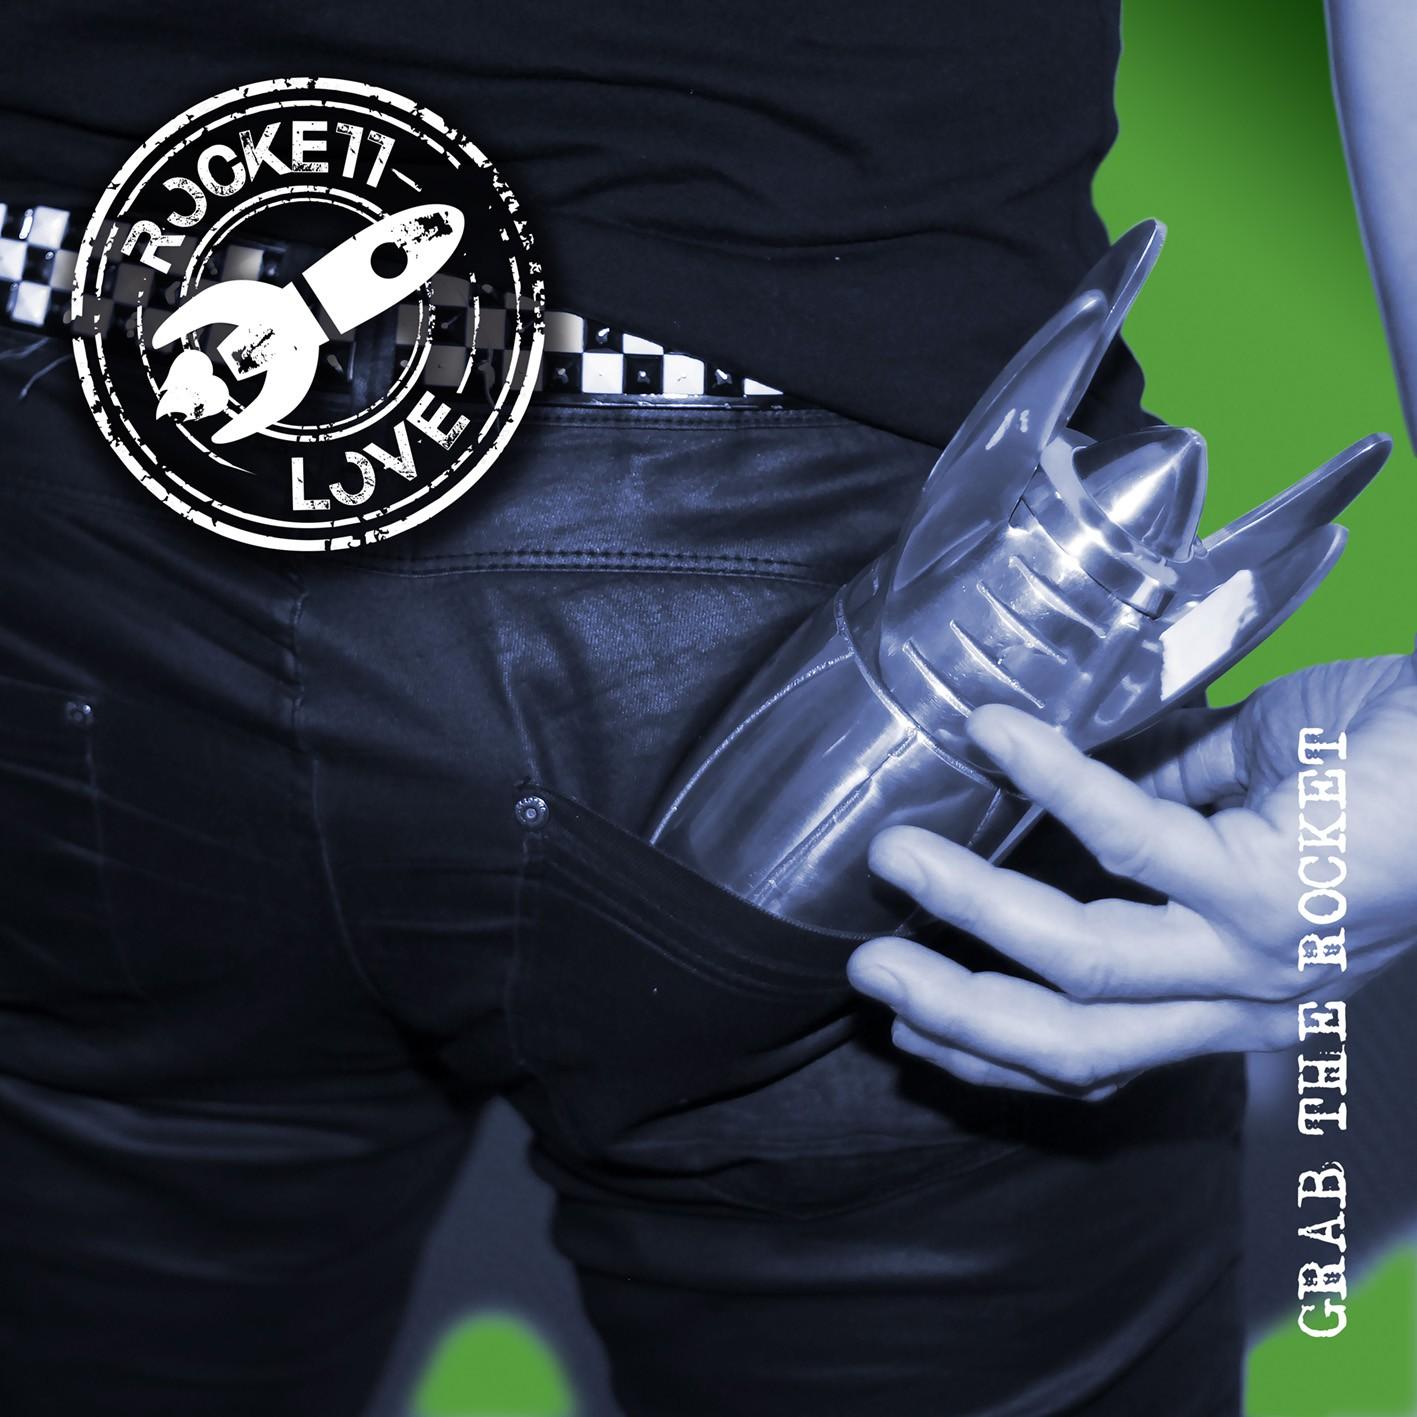 ROCKETT LOVE - Grab The Rocket